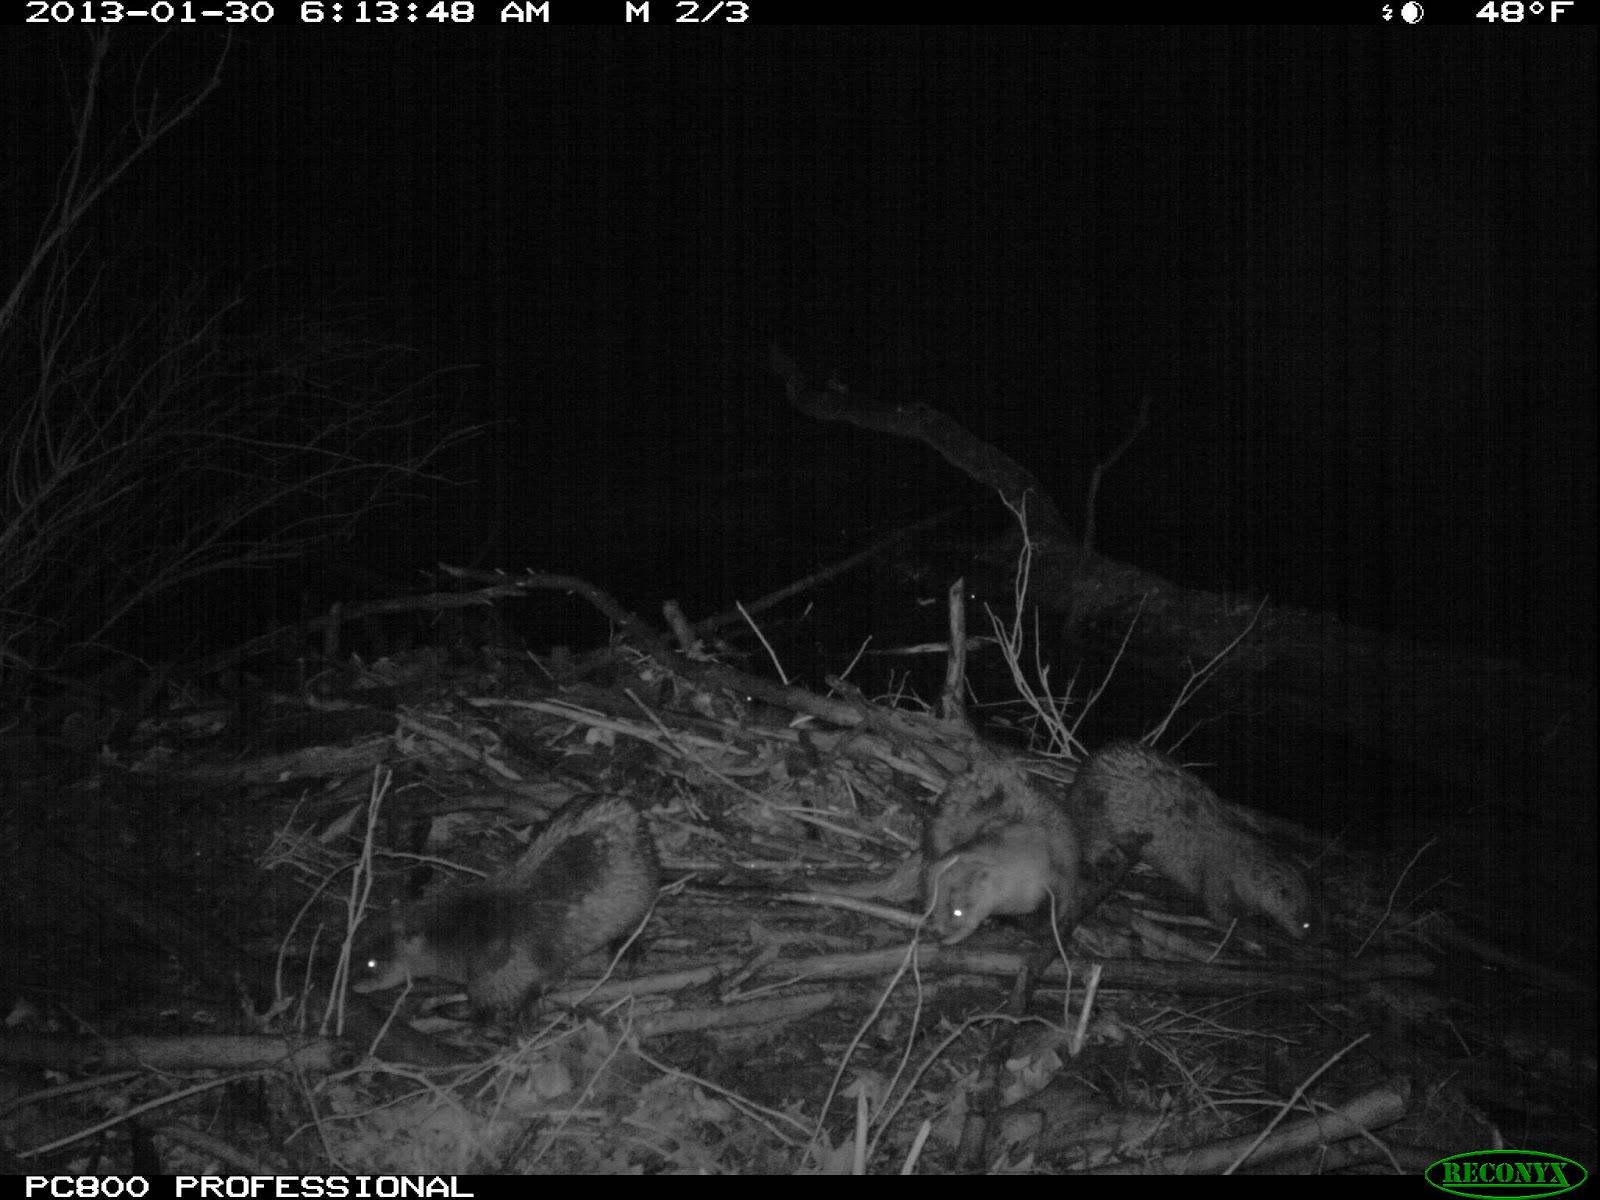 Bear eyes at night - photo#10